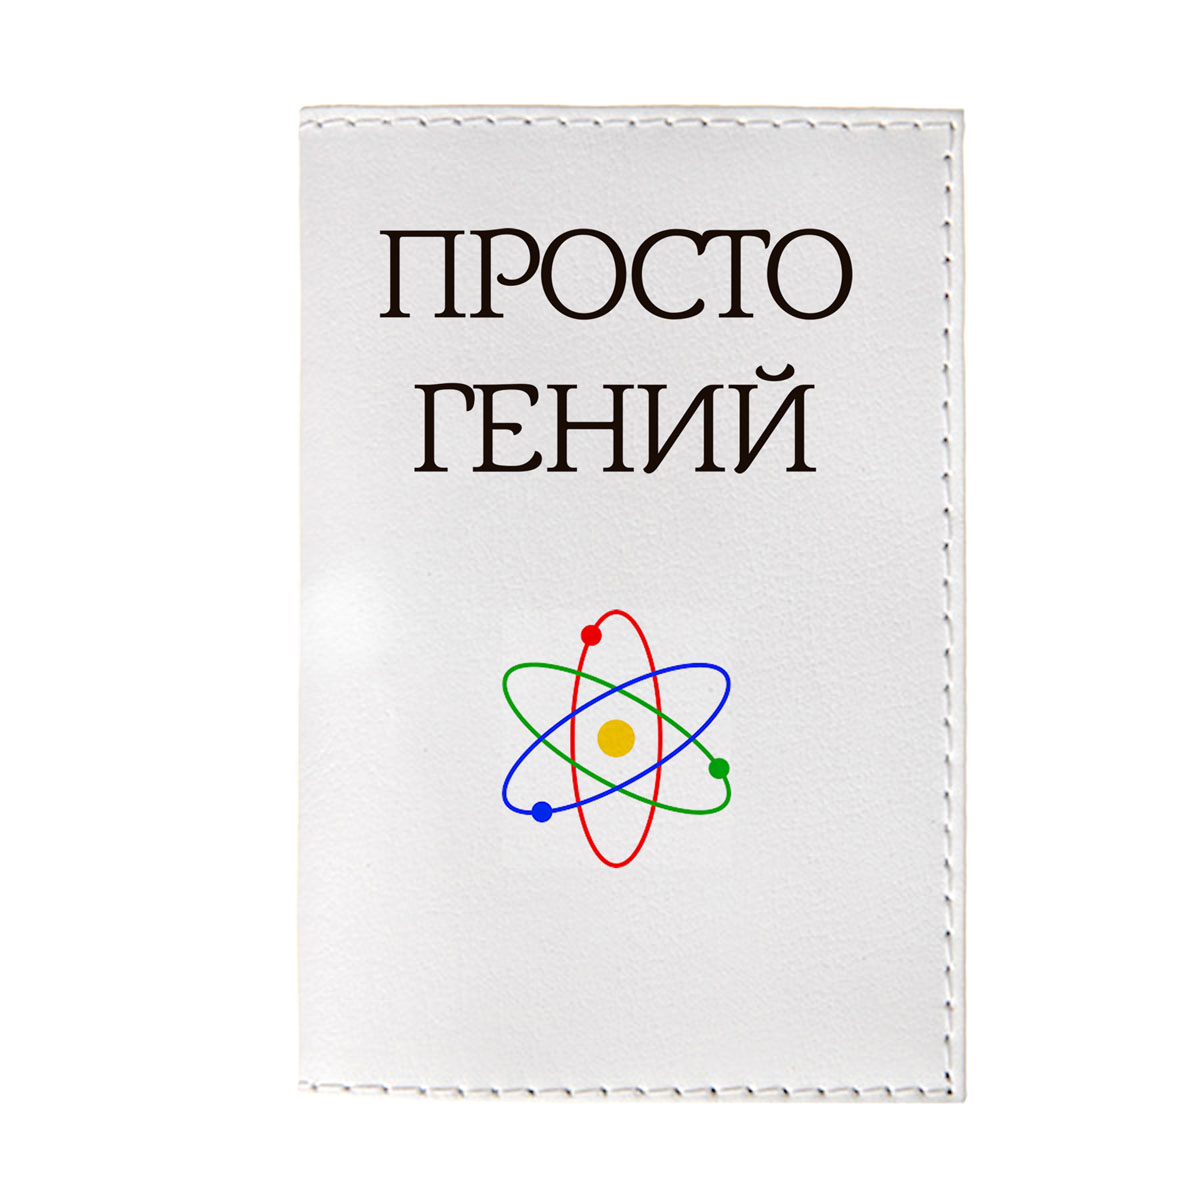 Обложка для паспорта Mitya Veselkov Просто гений, цвет: белый. OZAM394OZAM394Обложка для паспорта Mitya Veselkov Просто гений не только поможет сохранить внешний вид ваших документов и защитить их от повреждений, но и станет стильным аксессуаром, идеально подходящим вашему образу.Она выполнена из поливинилхлорида, внутри имеет два вертикальных кармашка из прозрачного пластика.Такая обложка поможет вам подчеркнуть свою индивидуальность и неповторимость!Обложка для паспорта стильного дизайна может быть достойным и оригинальным подарком.